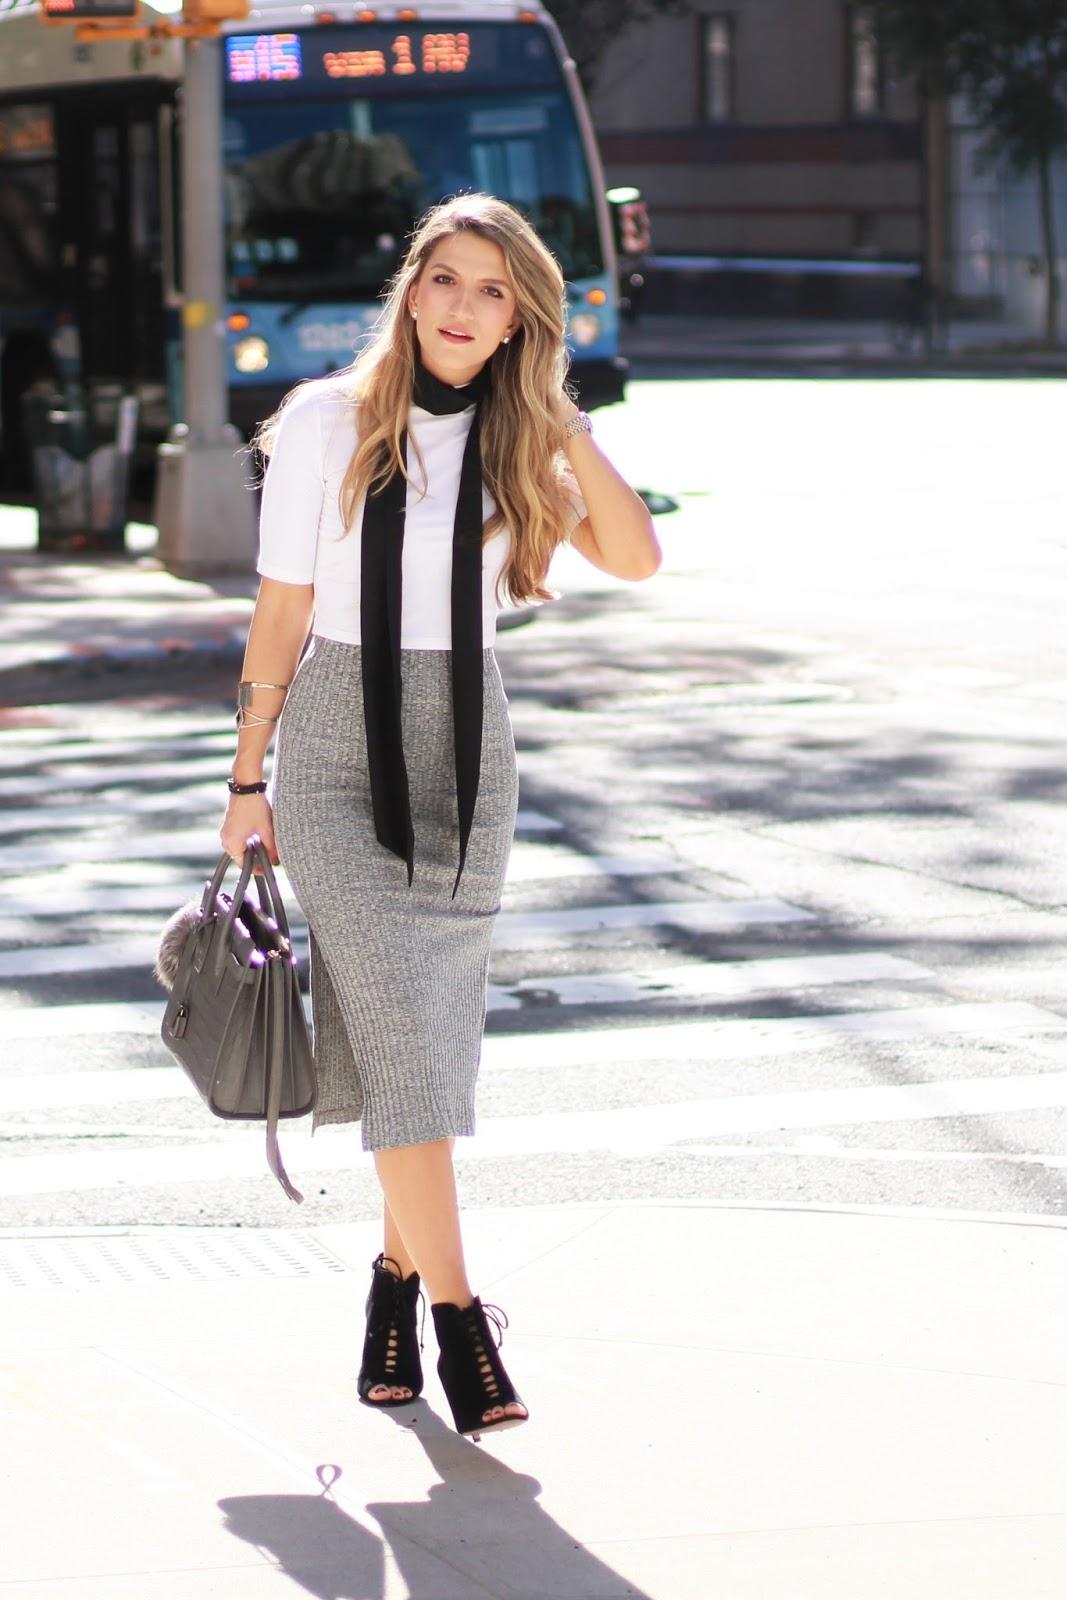 zara skinny scarf, parisian style